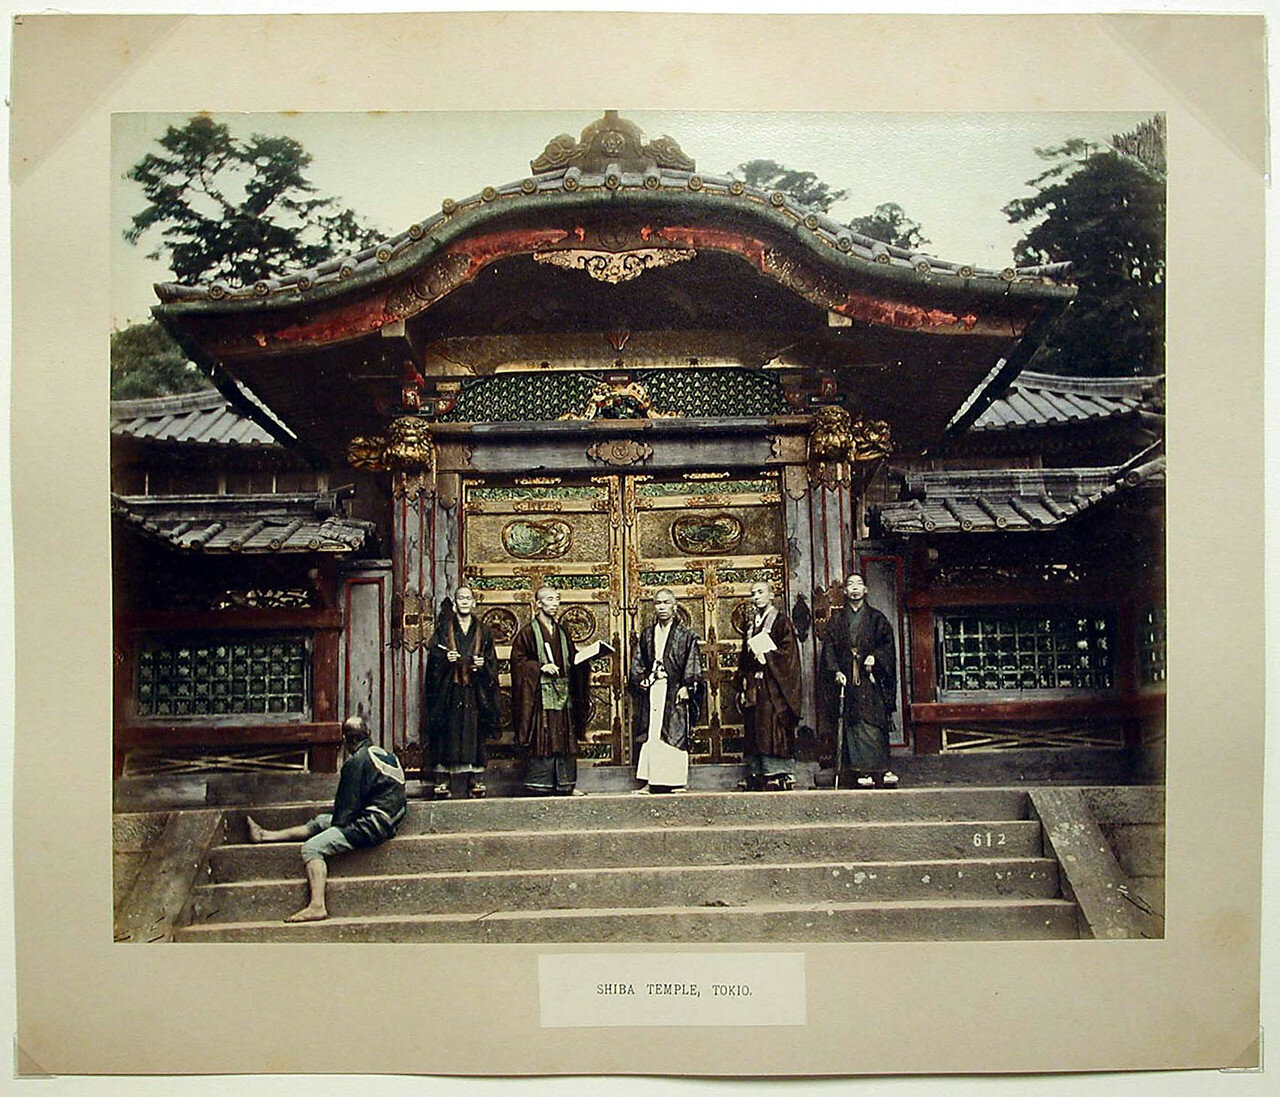 Токио. Зодзё-дзи, Ворота храма